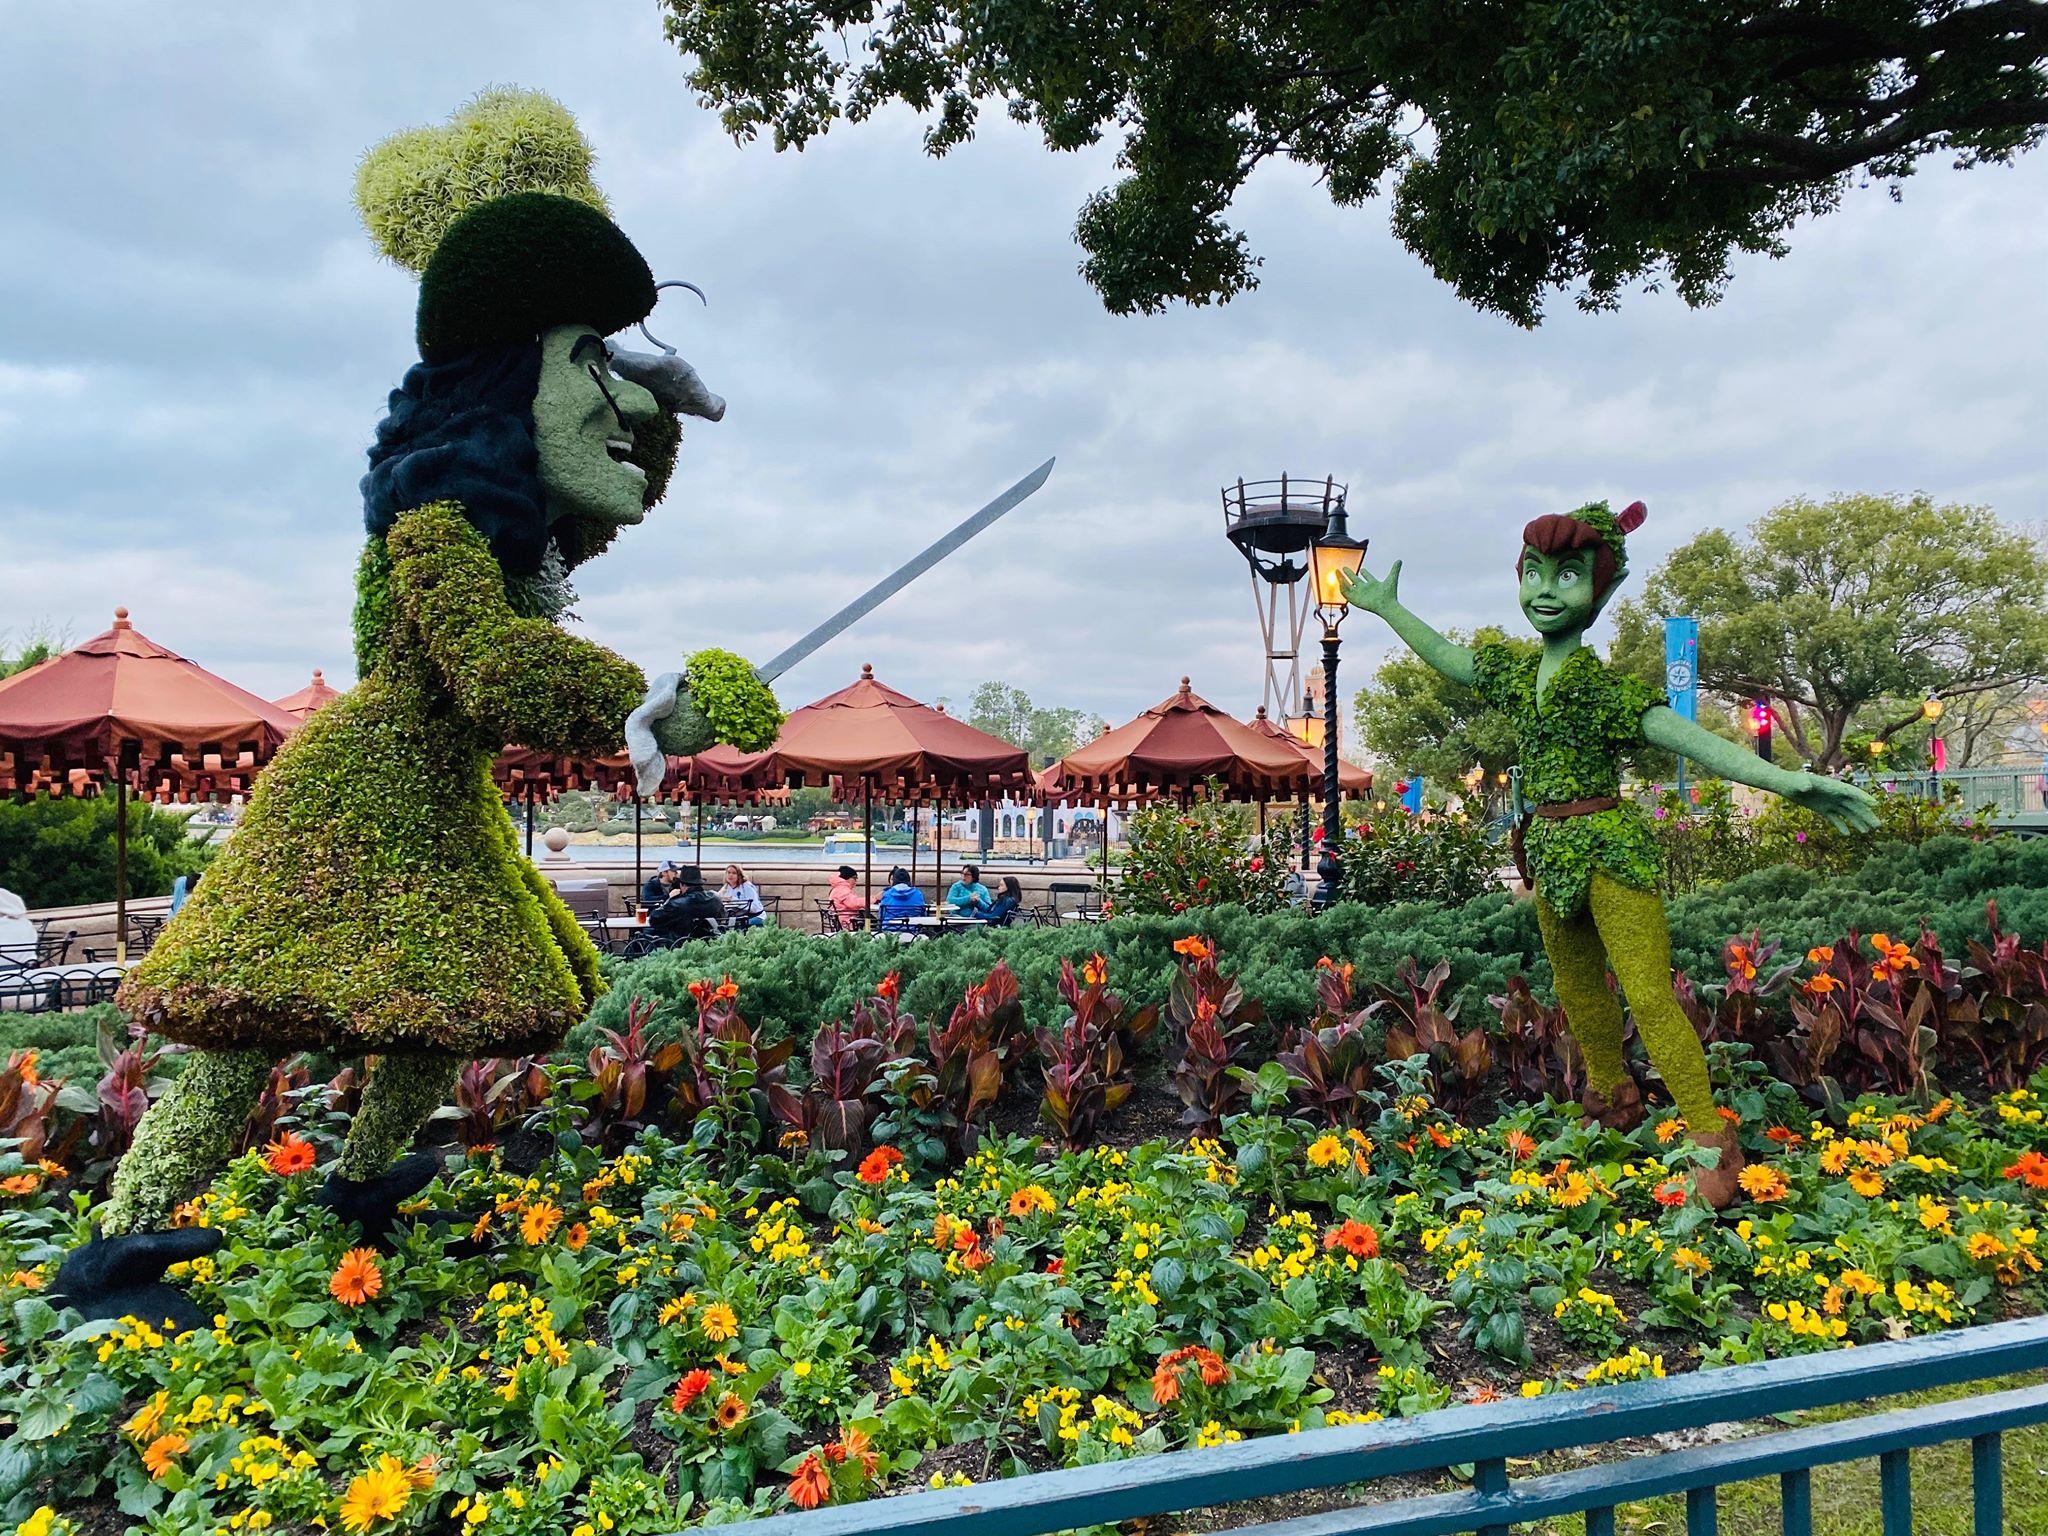 Flower and Garden Fest